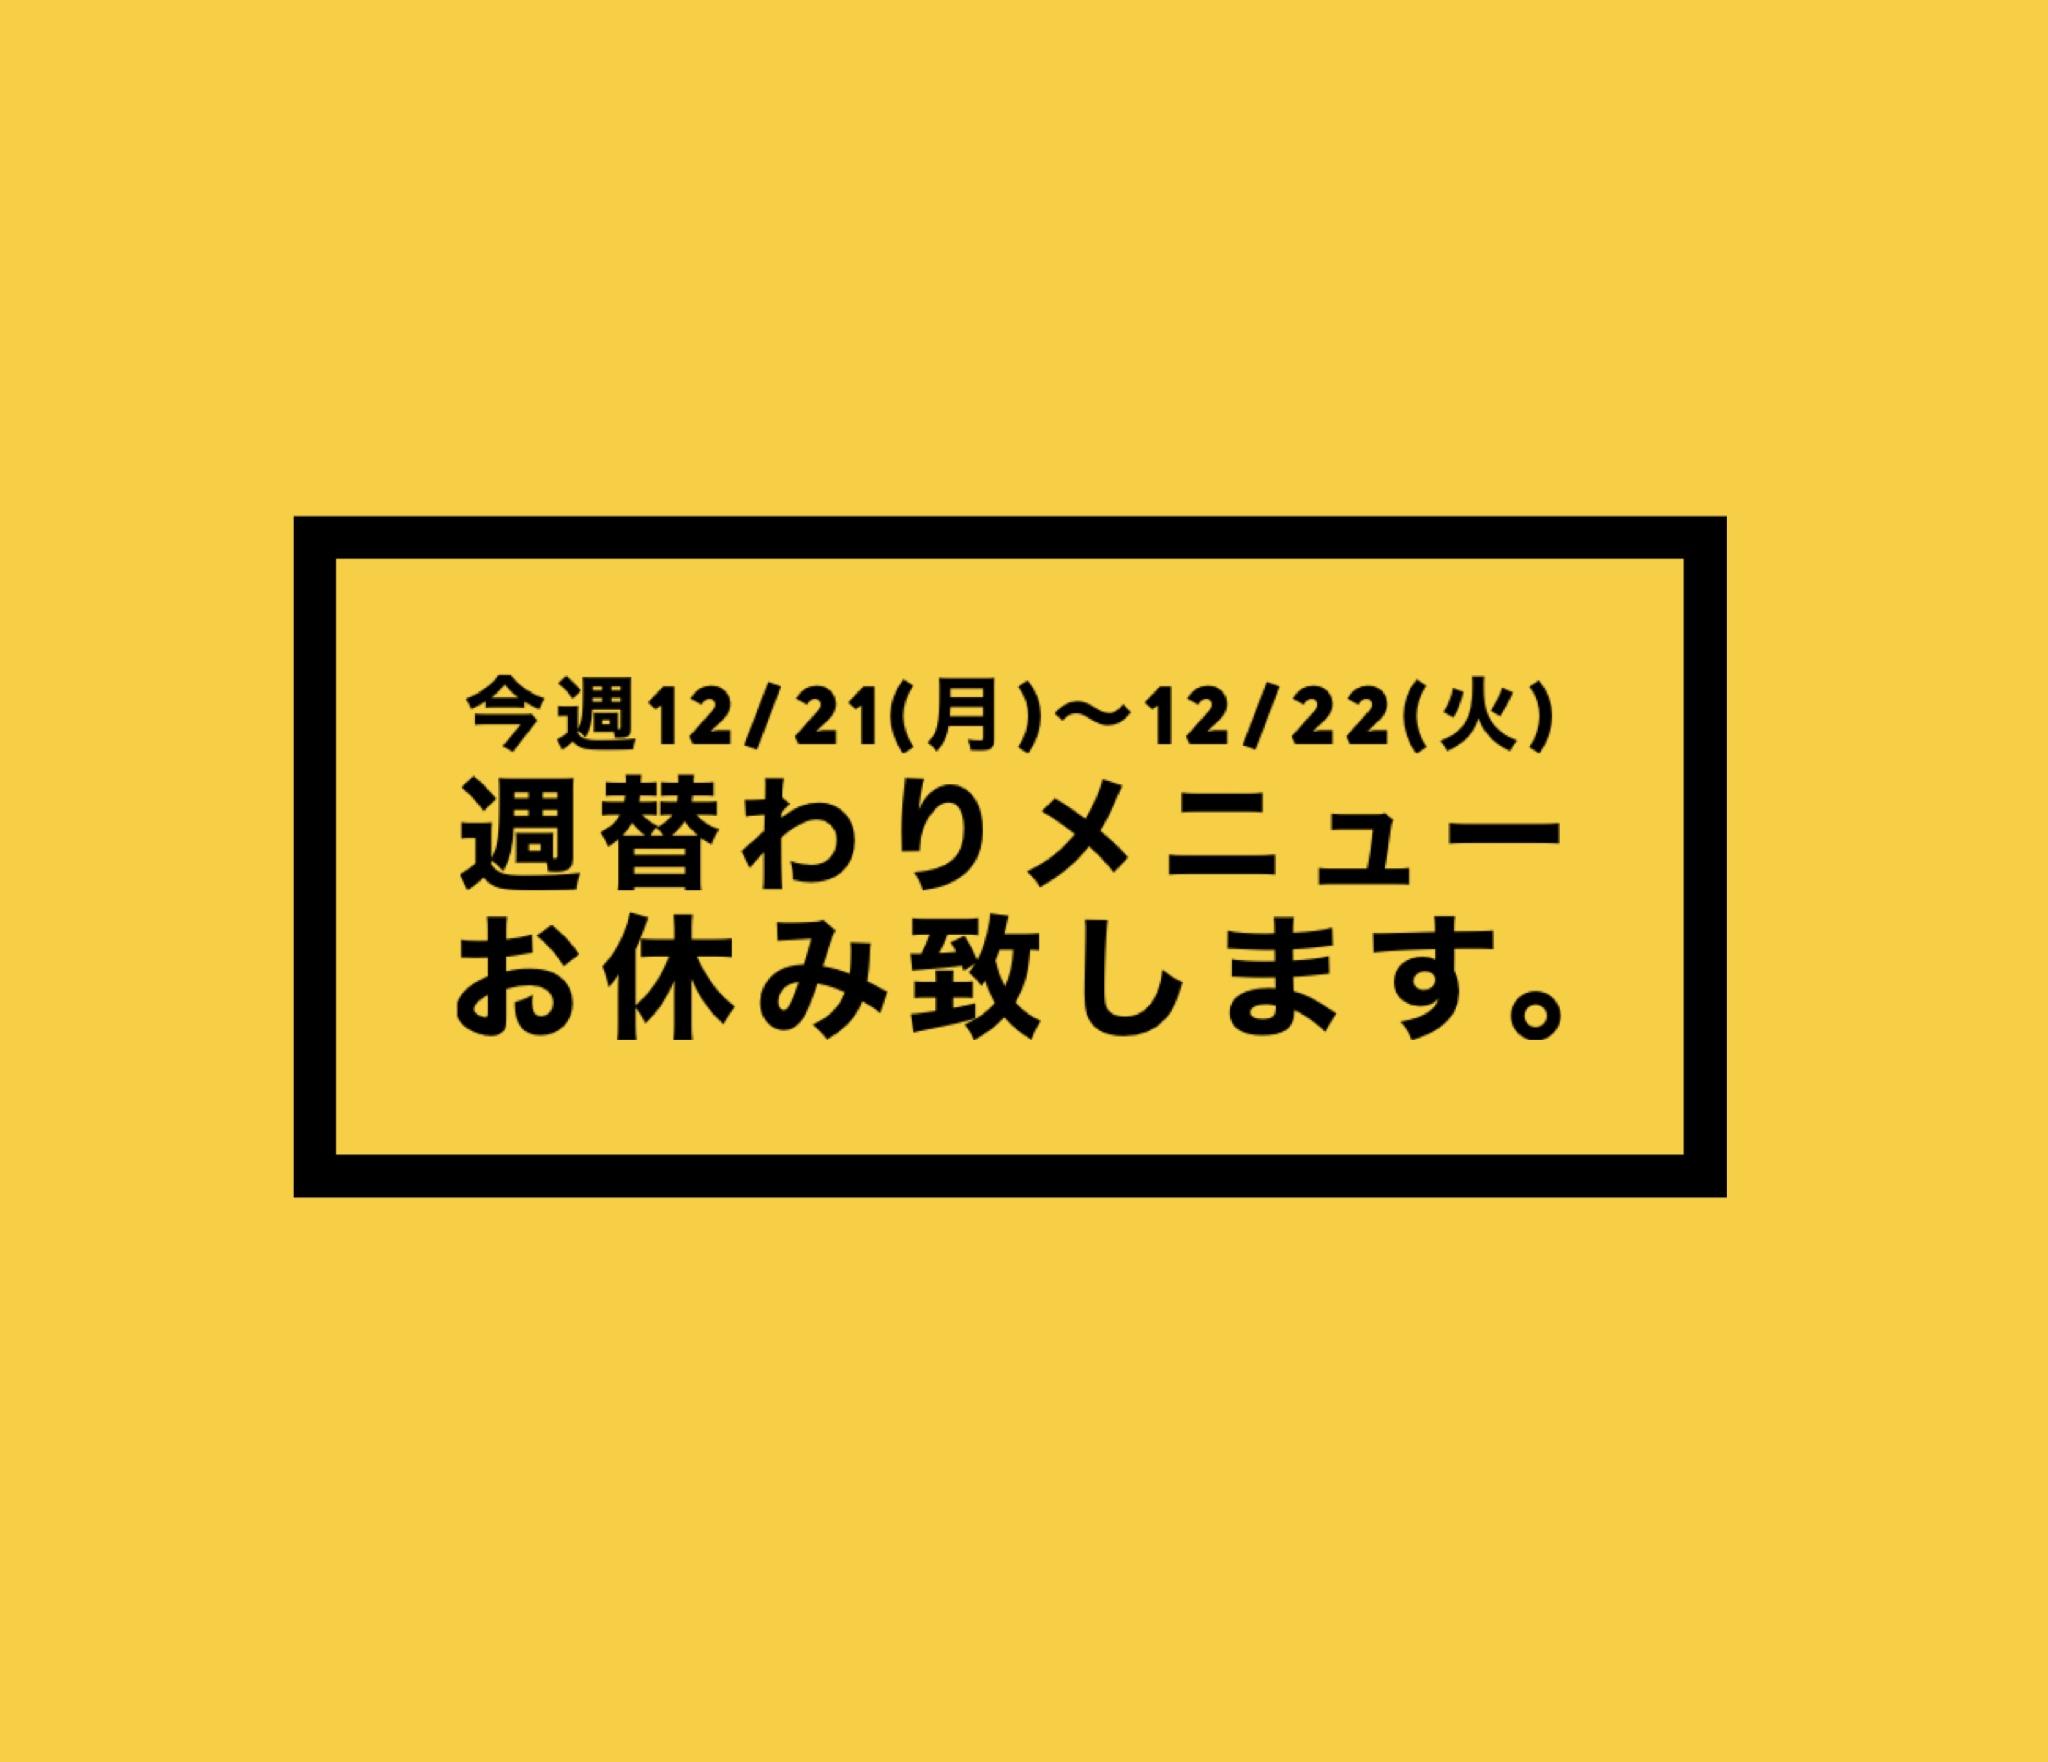 今週の週替わりメニューはお休みです。2020/12/21~12/22